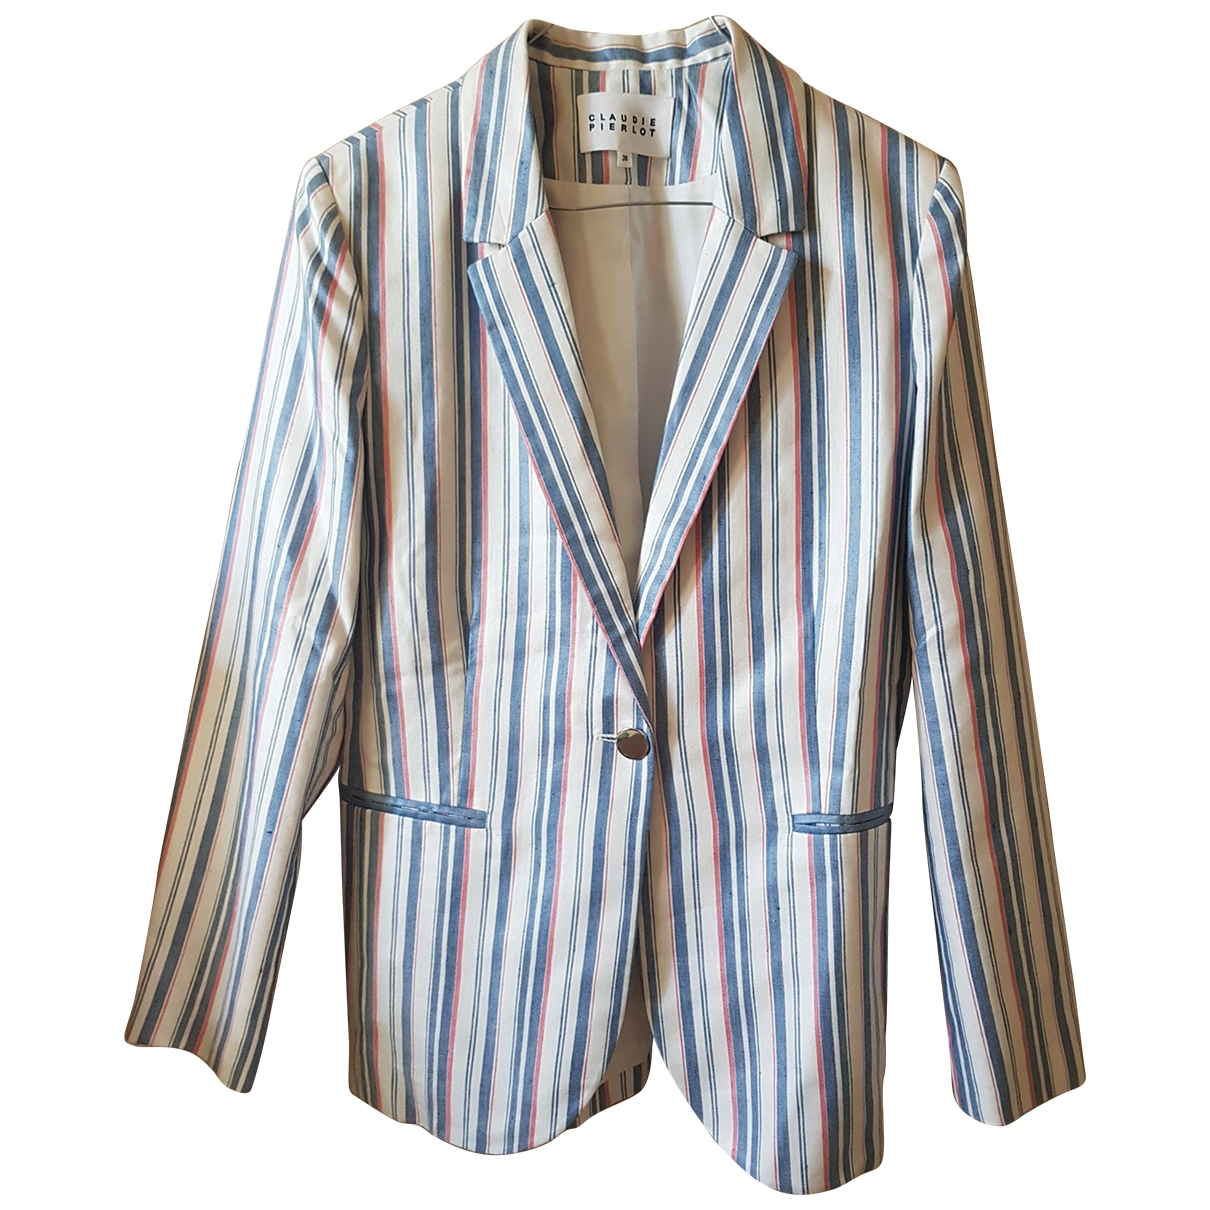 Claudie Pierlot - Veste Spring Summer 2019 pour femme en coton - bleu